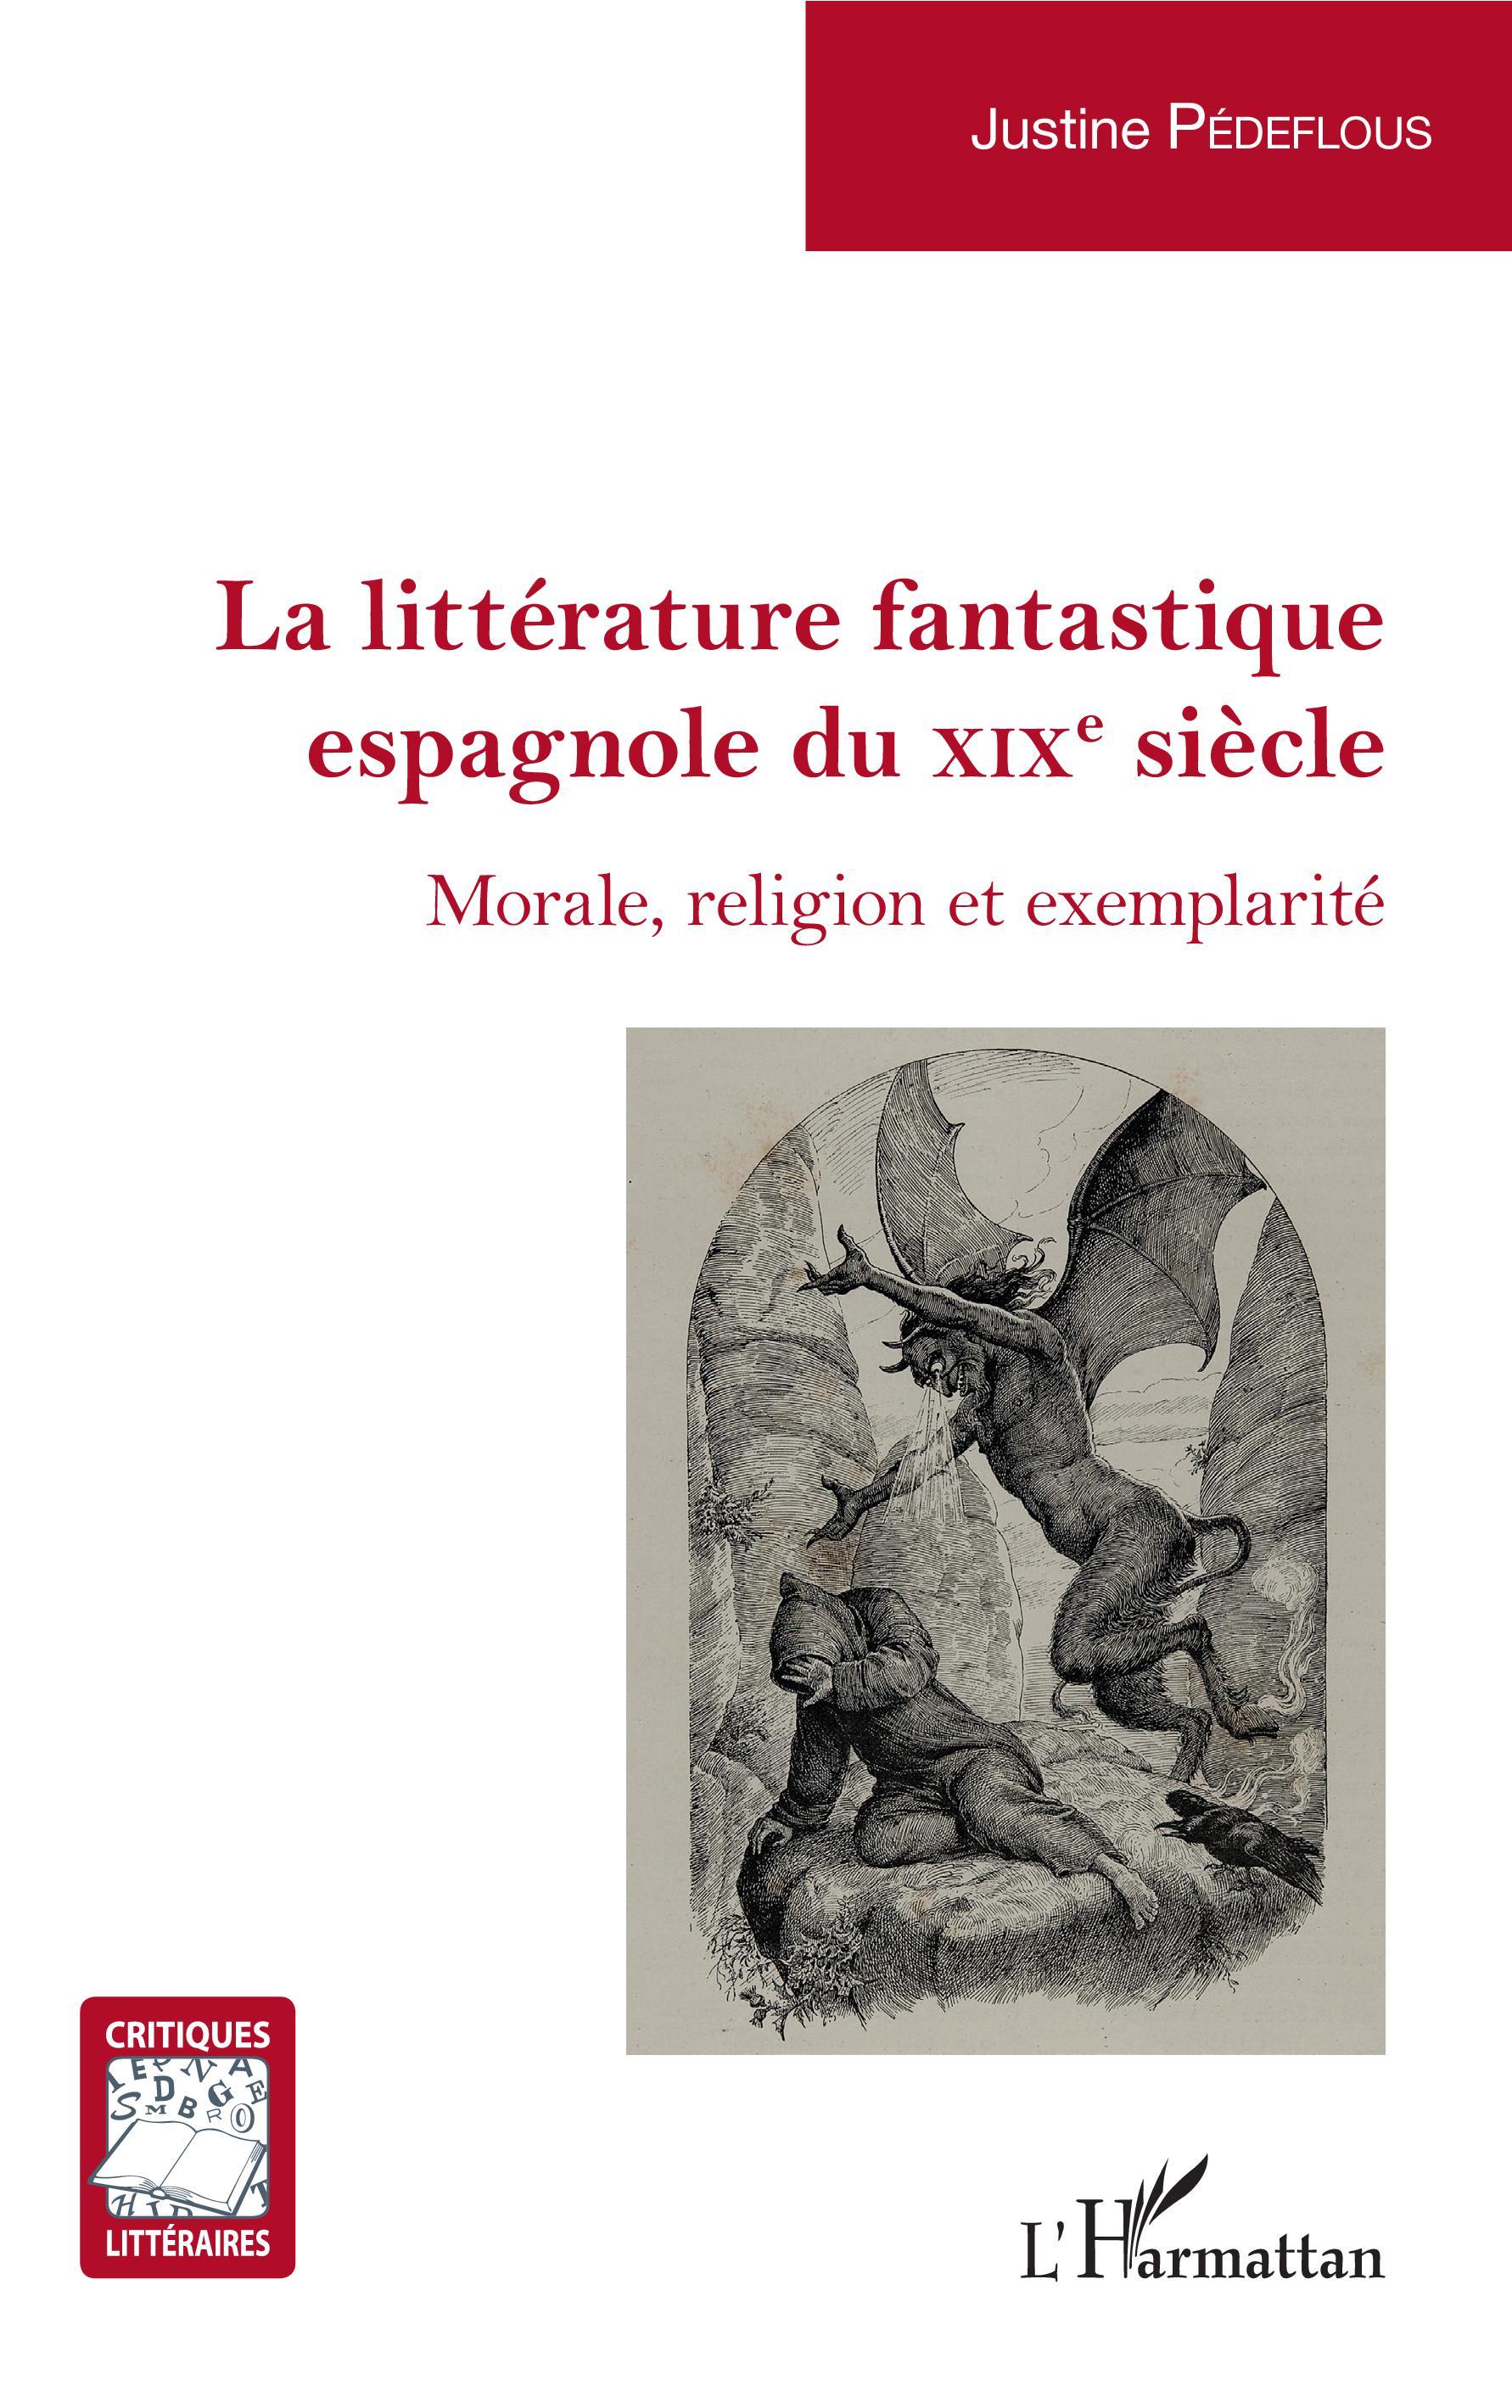 J. Pédeflous, La Littérature fantastique espagnole du XIX siècle : Morale, religion et exemplarité